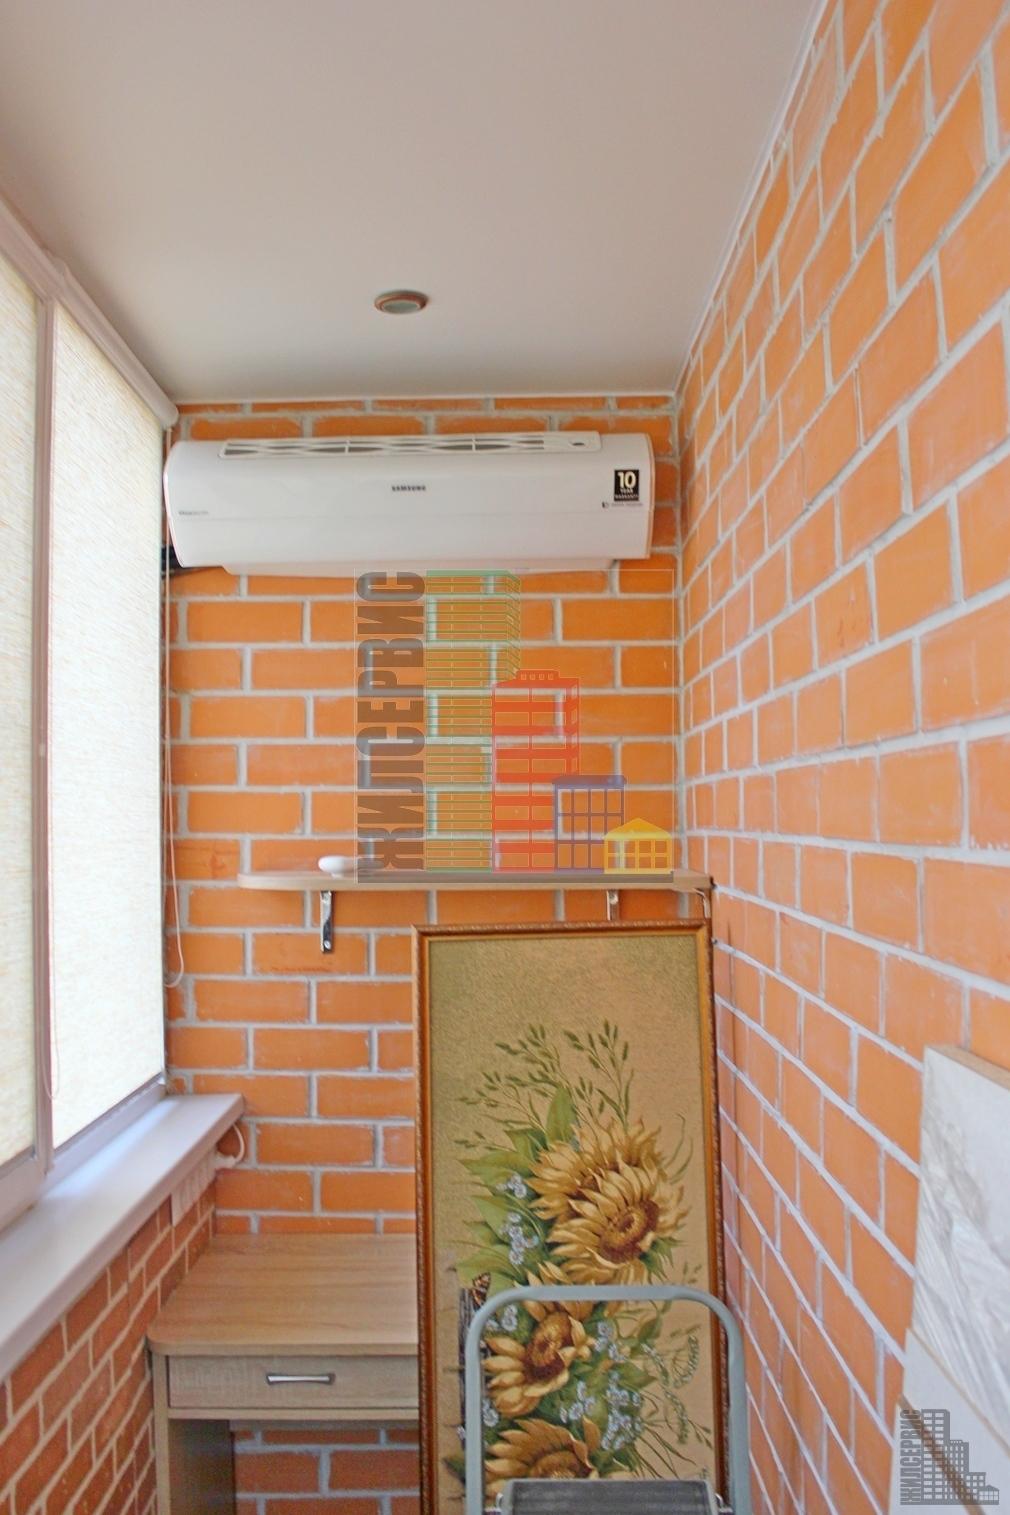 Однокомнатная квартира со свежим евроремонтом - Фото 8